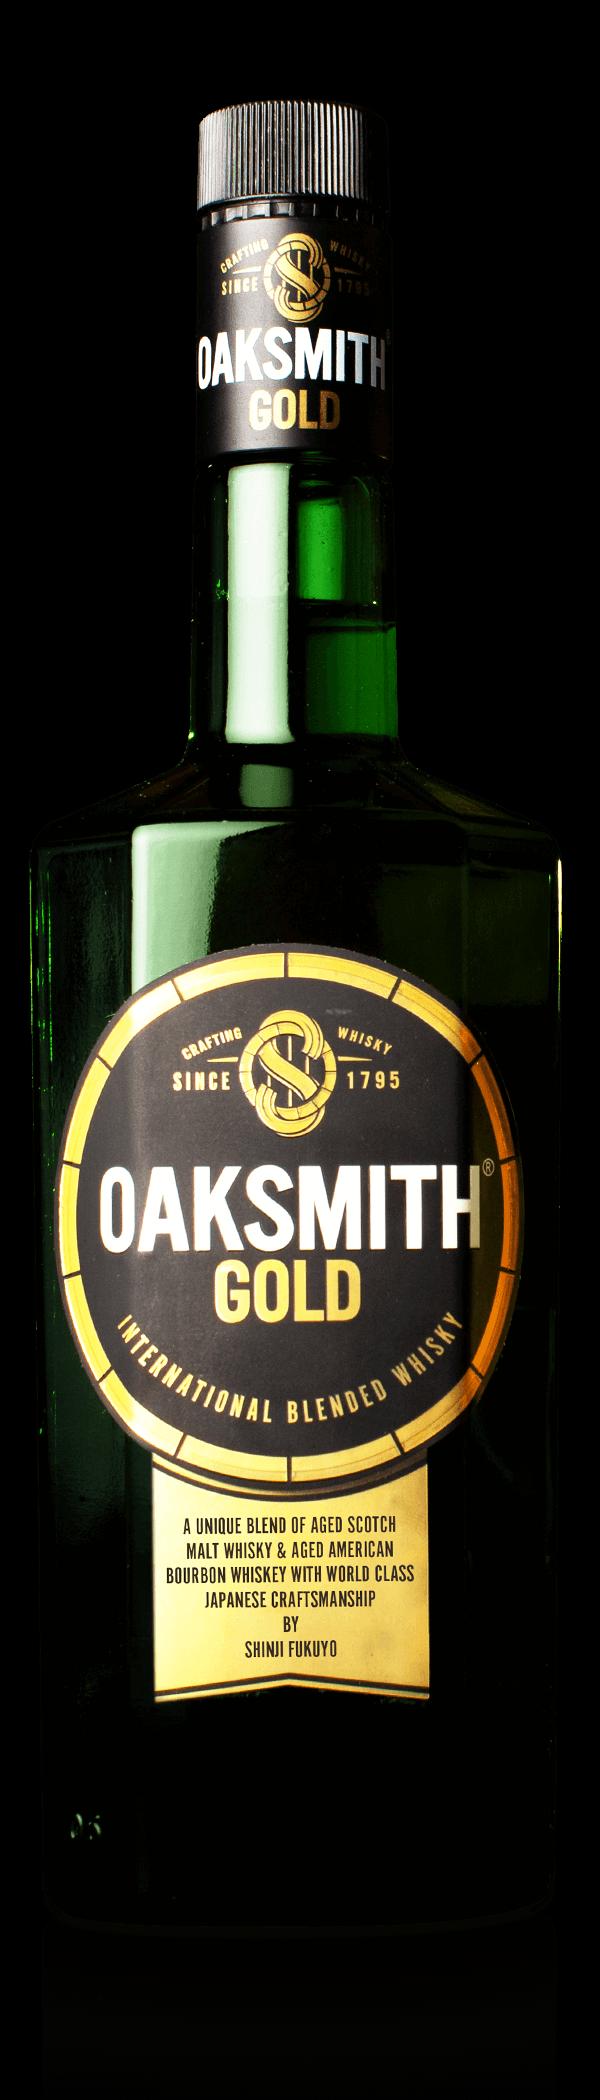 oaksmith gold blended whisky